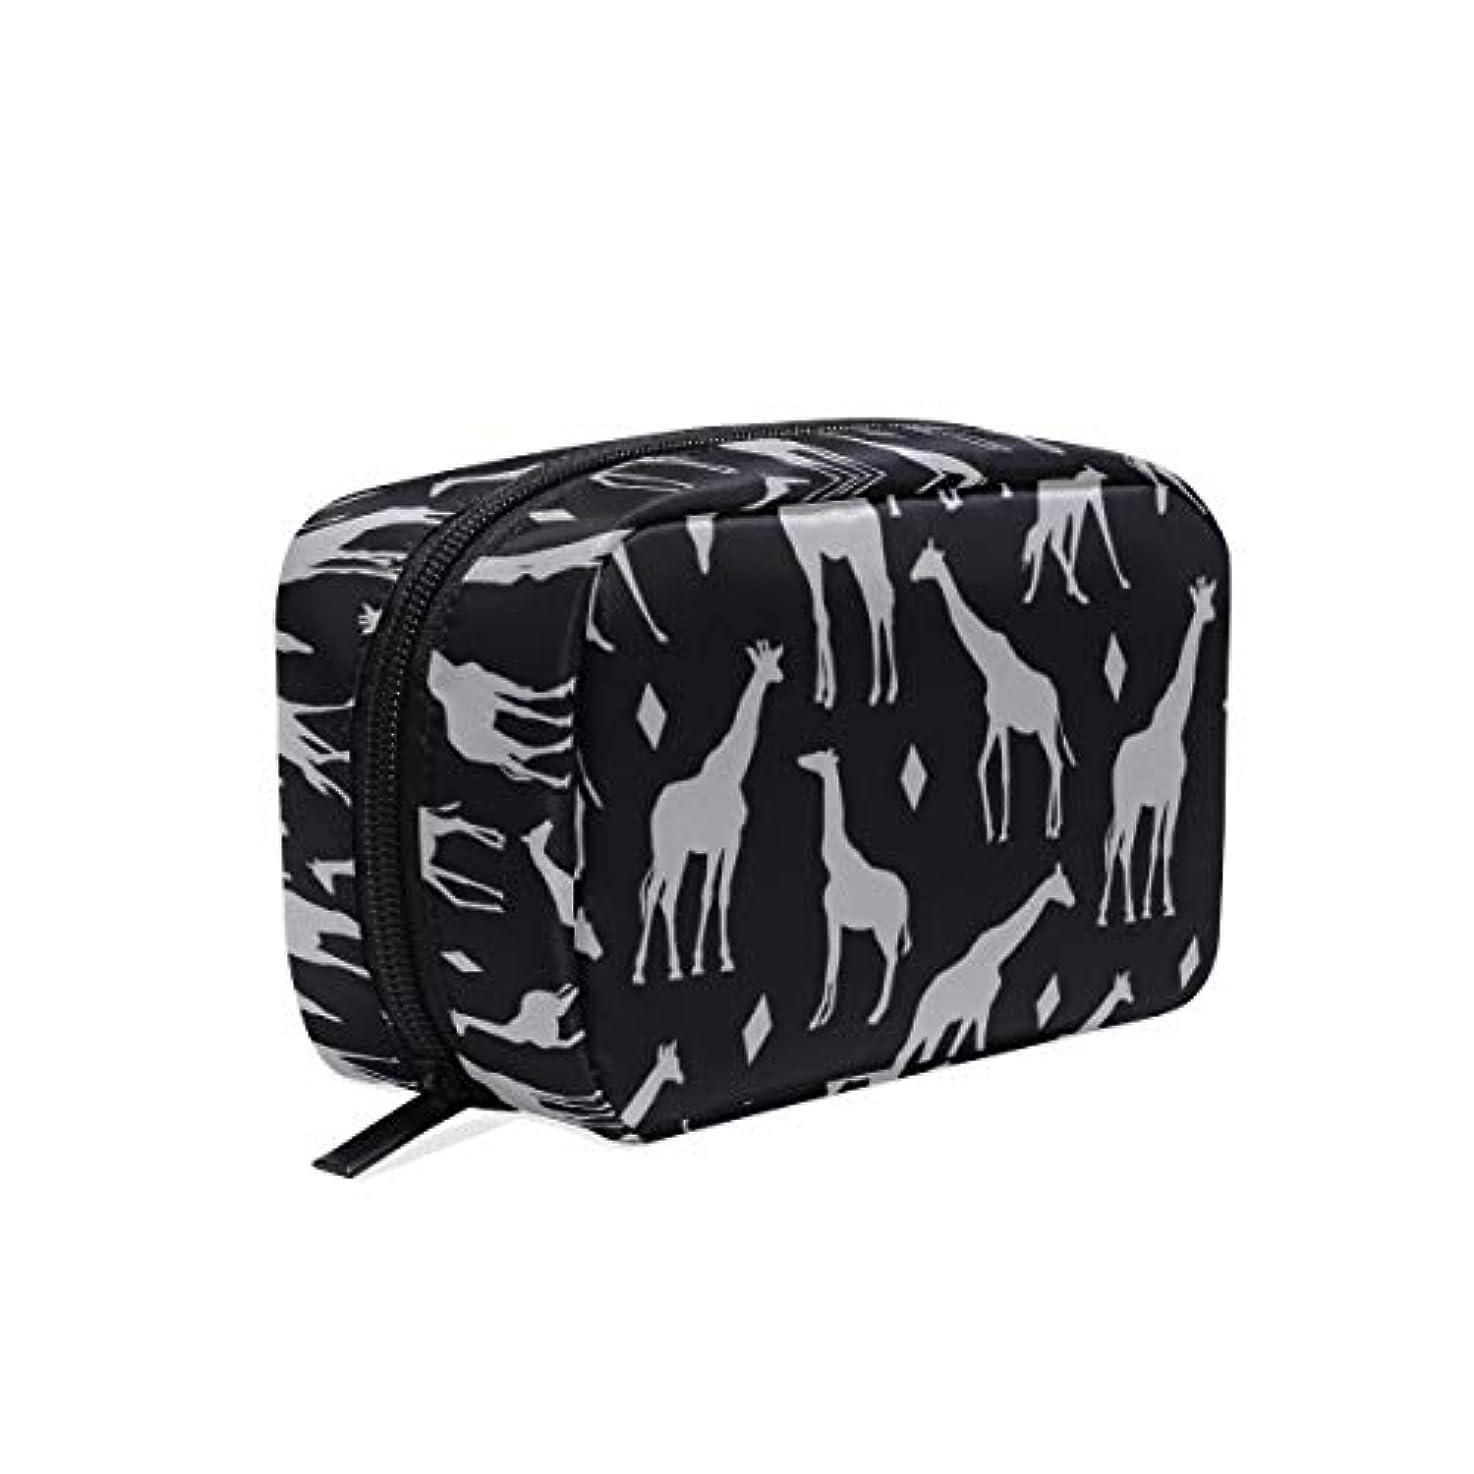 検出器日光バンガローキリン柄 グレイ 化粧ポーチ メイクポーチ 機能的 大容量 化粧品収納 小物入れ 普段使い 出張 旅行 メイク ブラシ バッグ 化粧バッグ